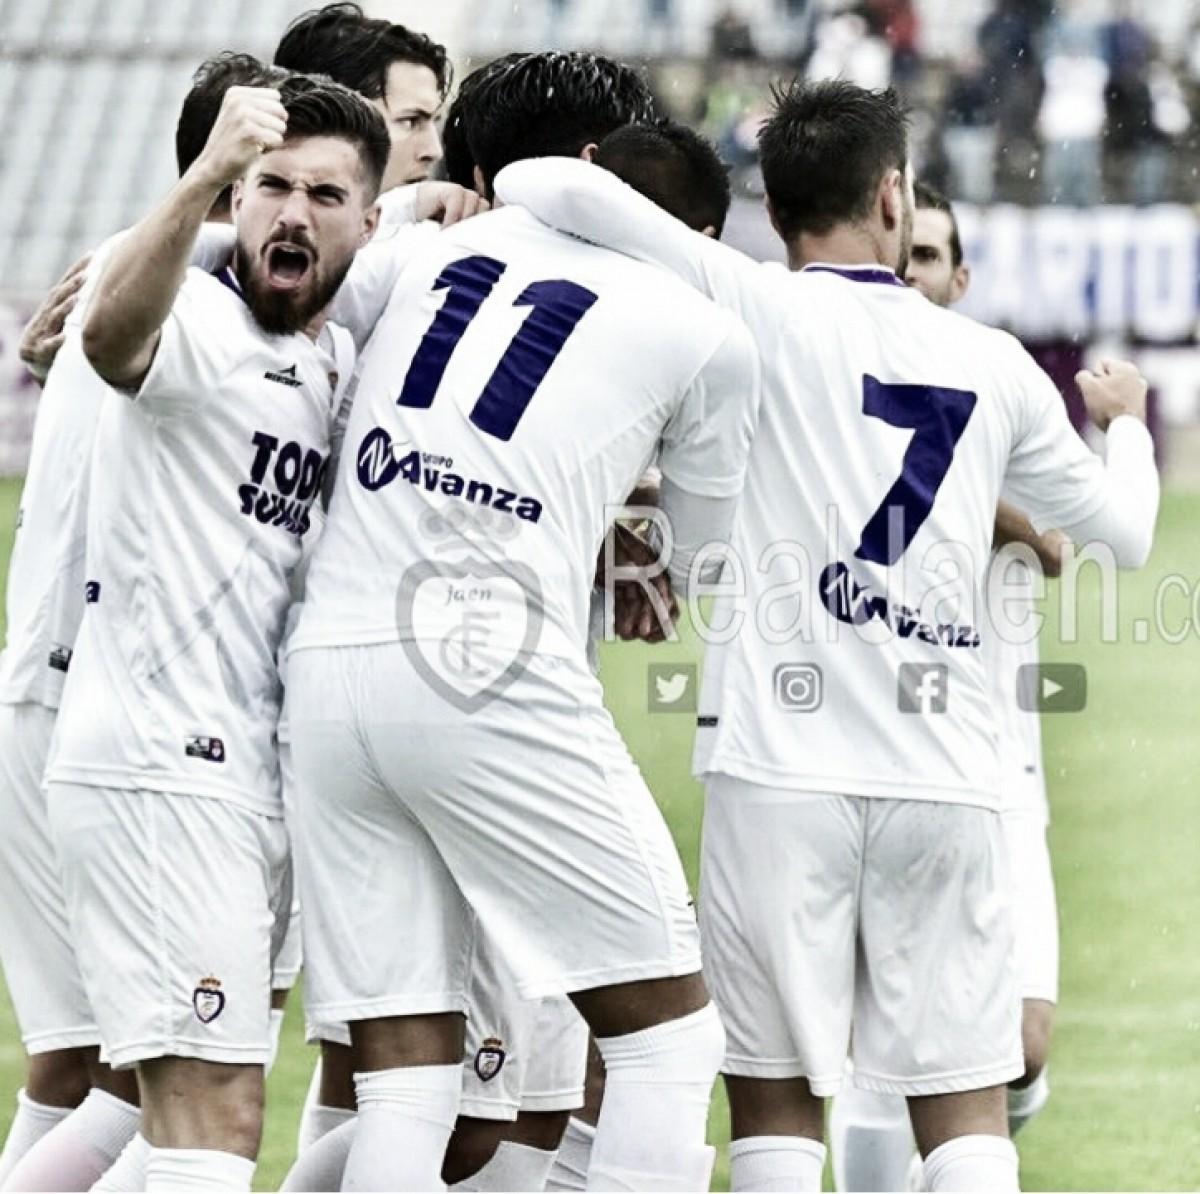 El Real Jaén a un punto de certificar su presencia en los playoff de ascenso